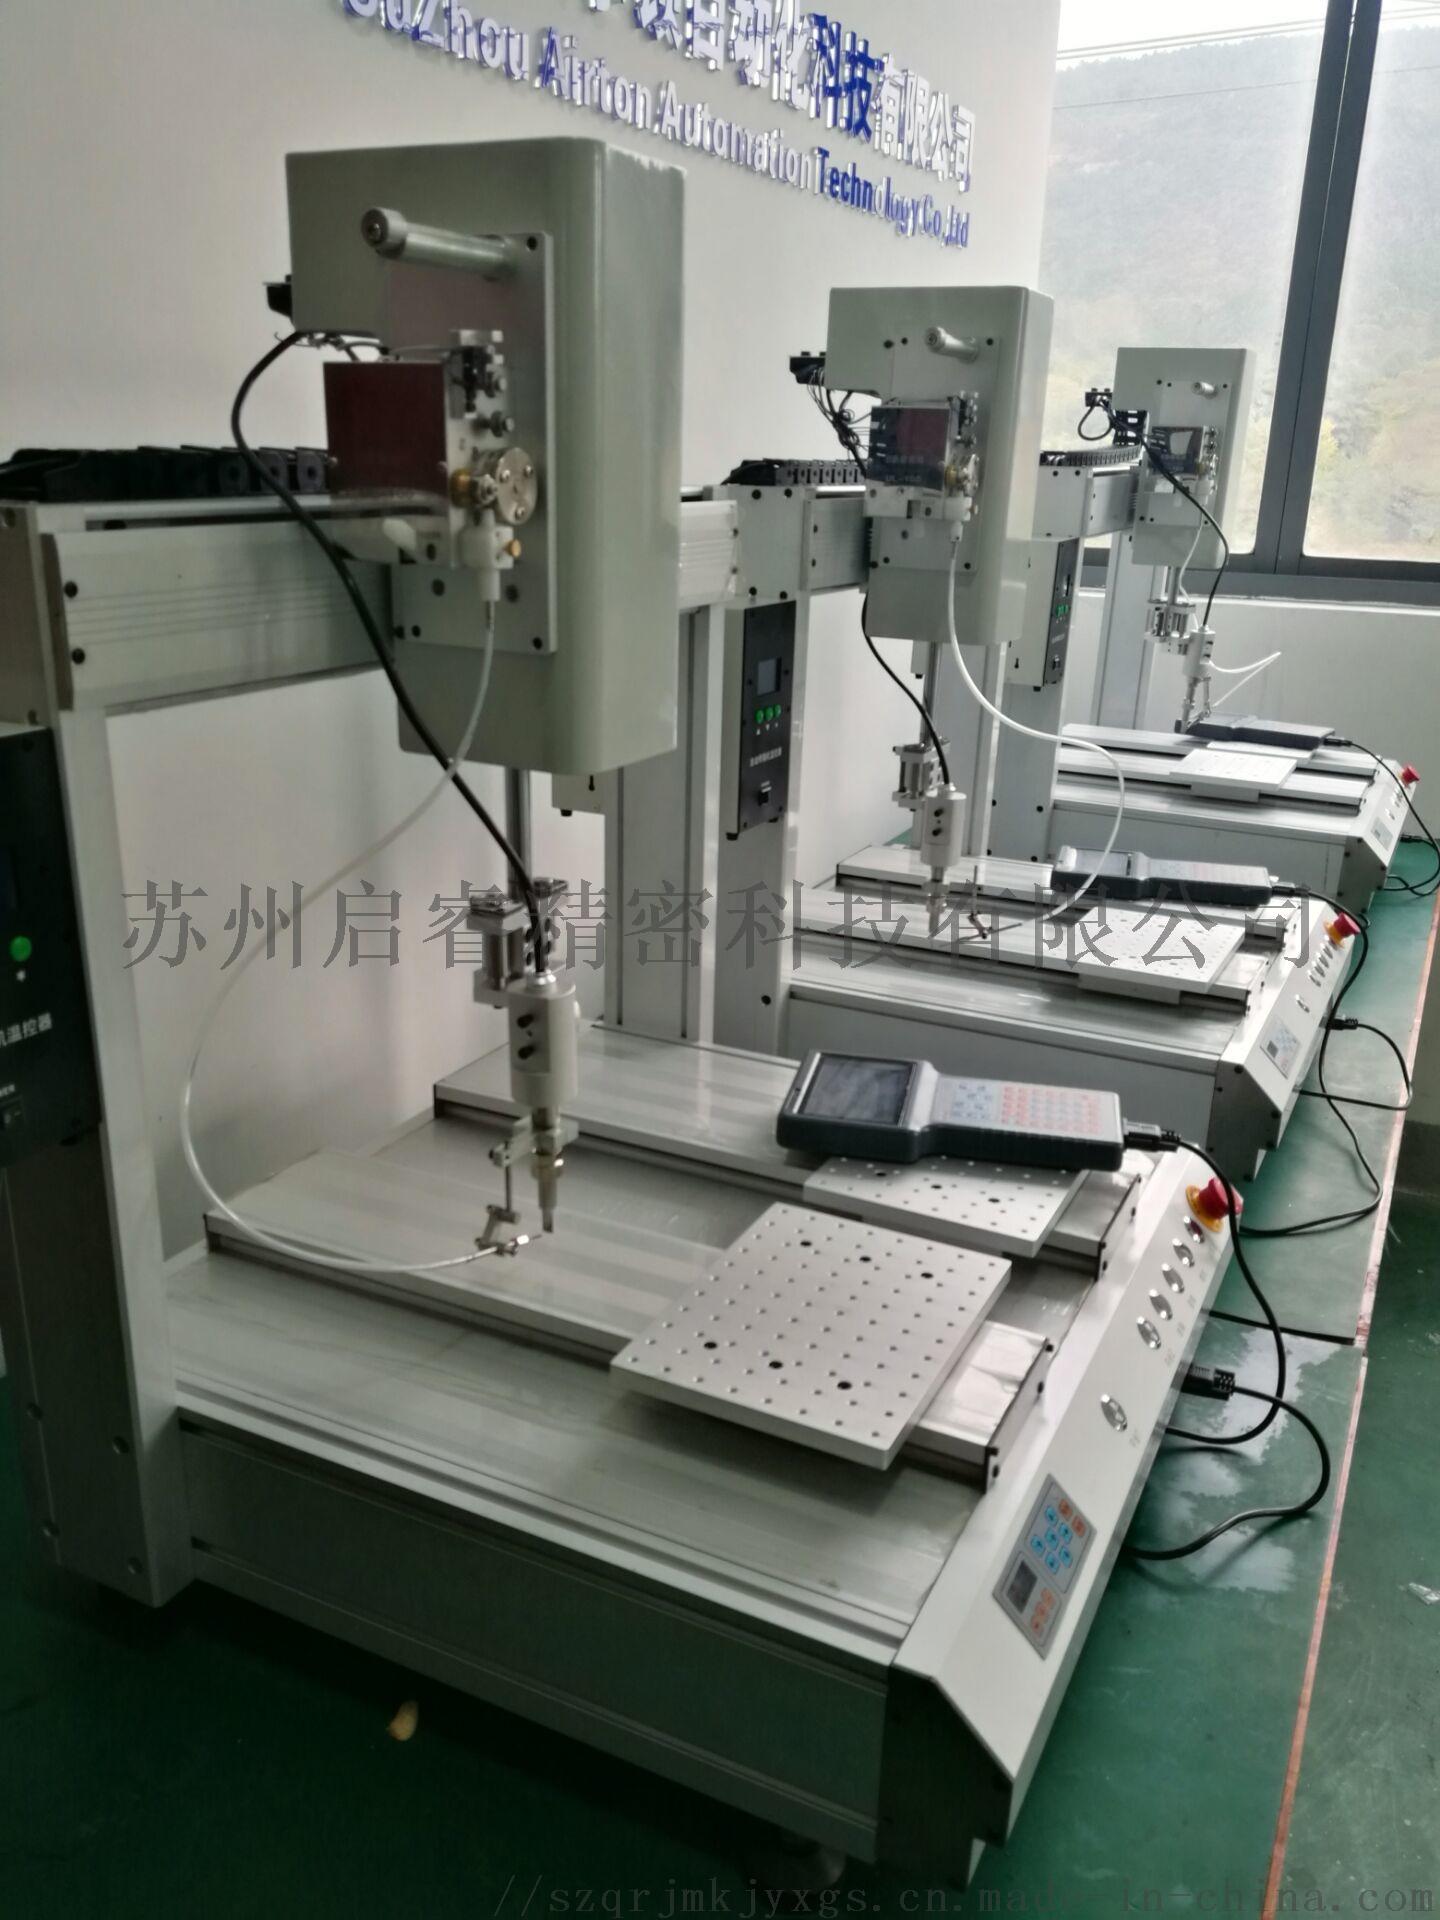 江浙沪焊点自动加锡机生产厂家双高频双烙铁焊锡机122711015